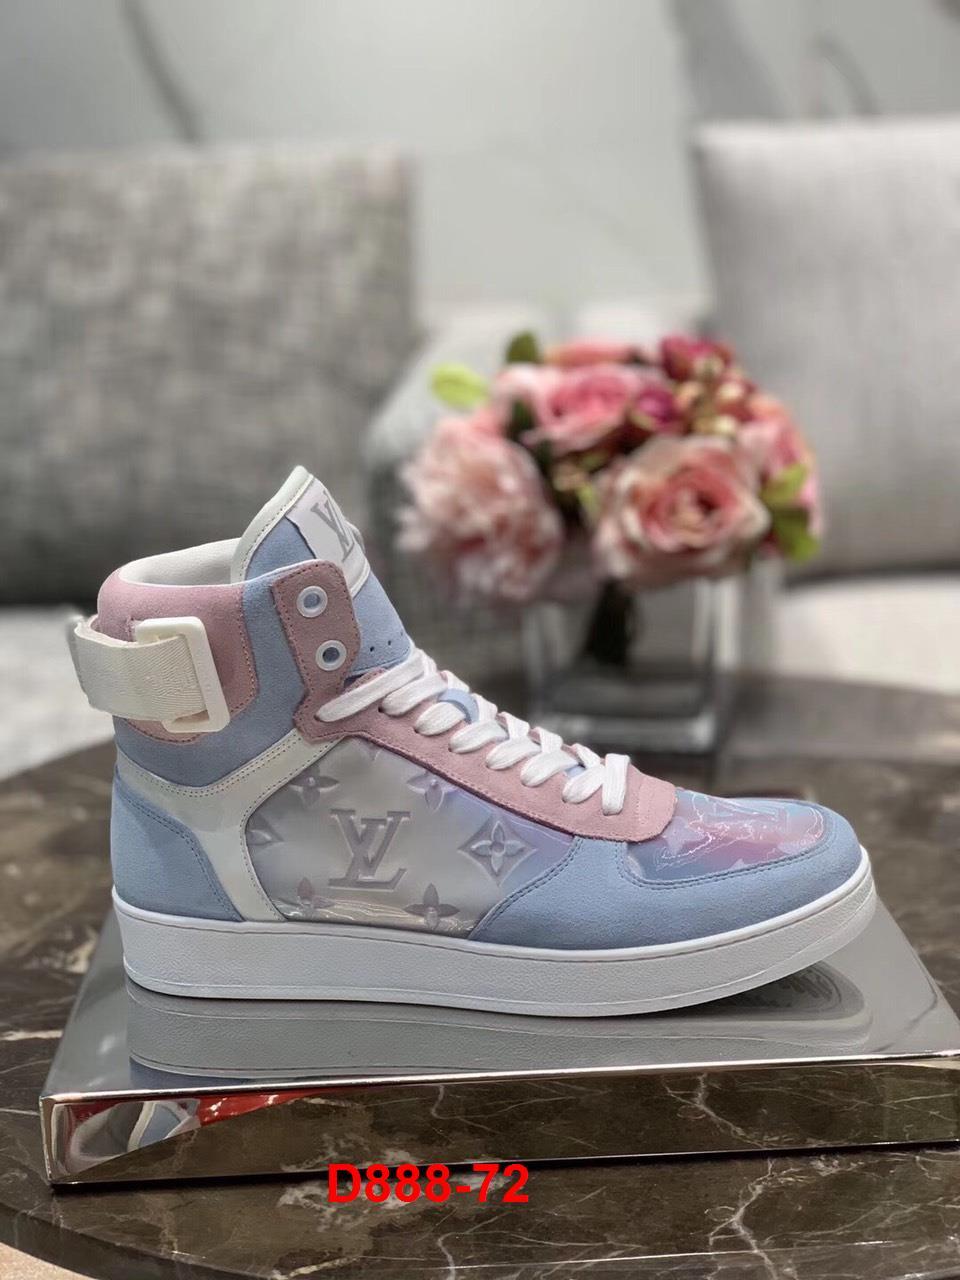 D888-72 Louis Vuitton giày thể thao siêu cấp